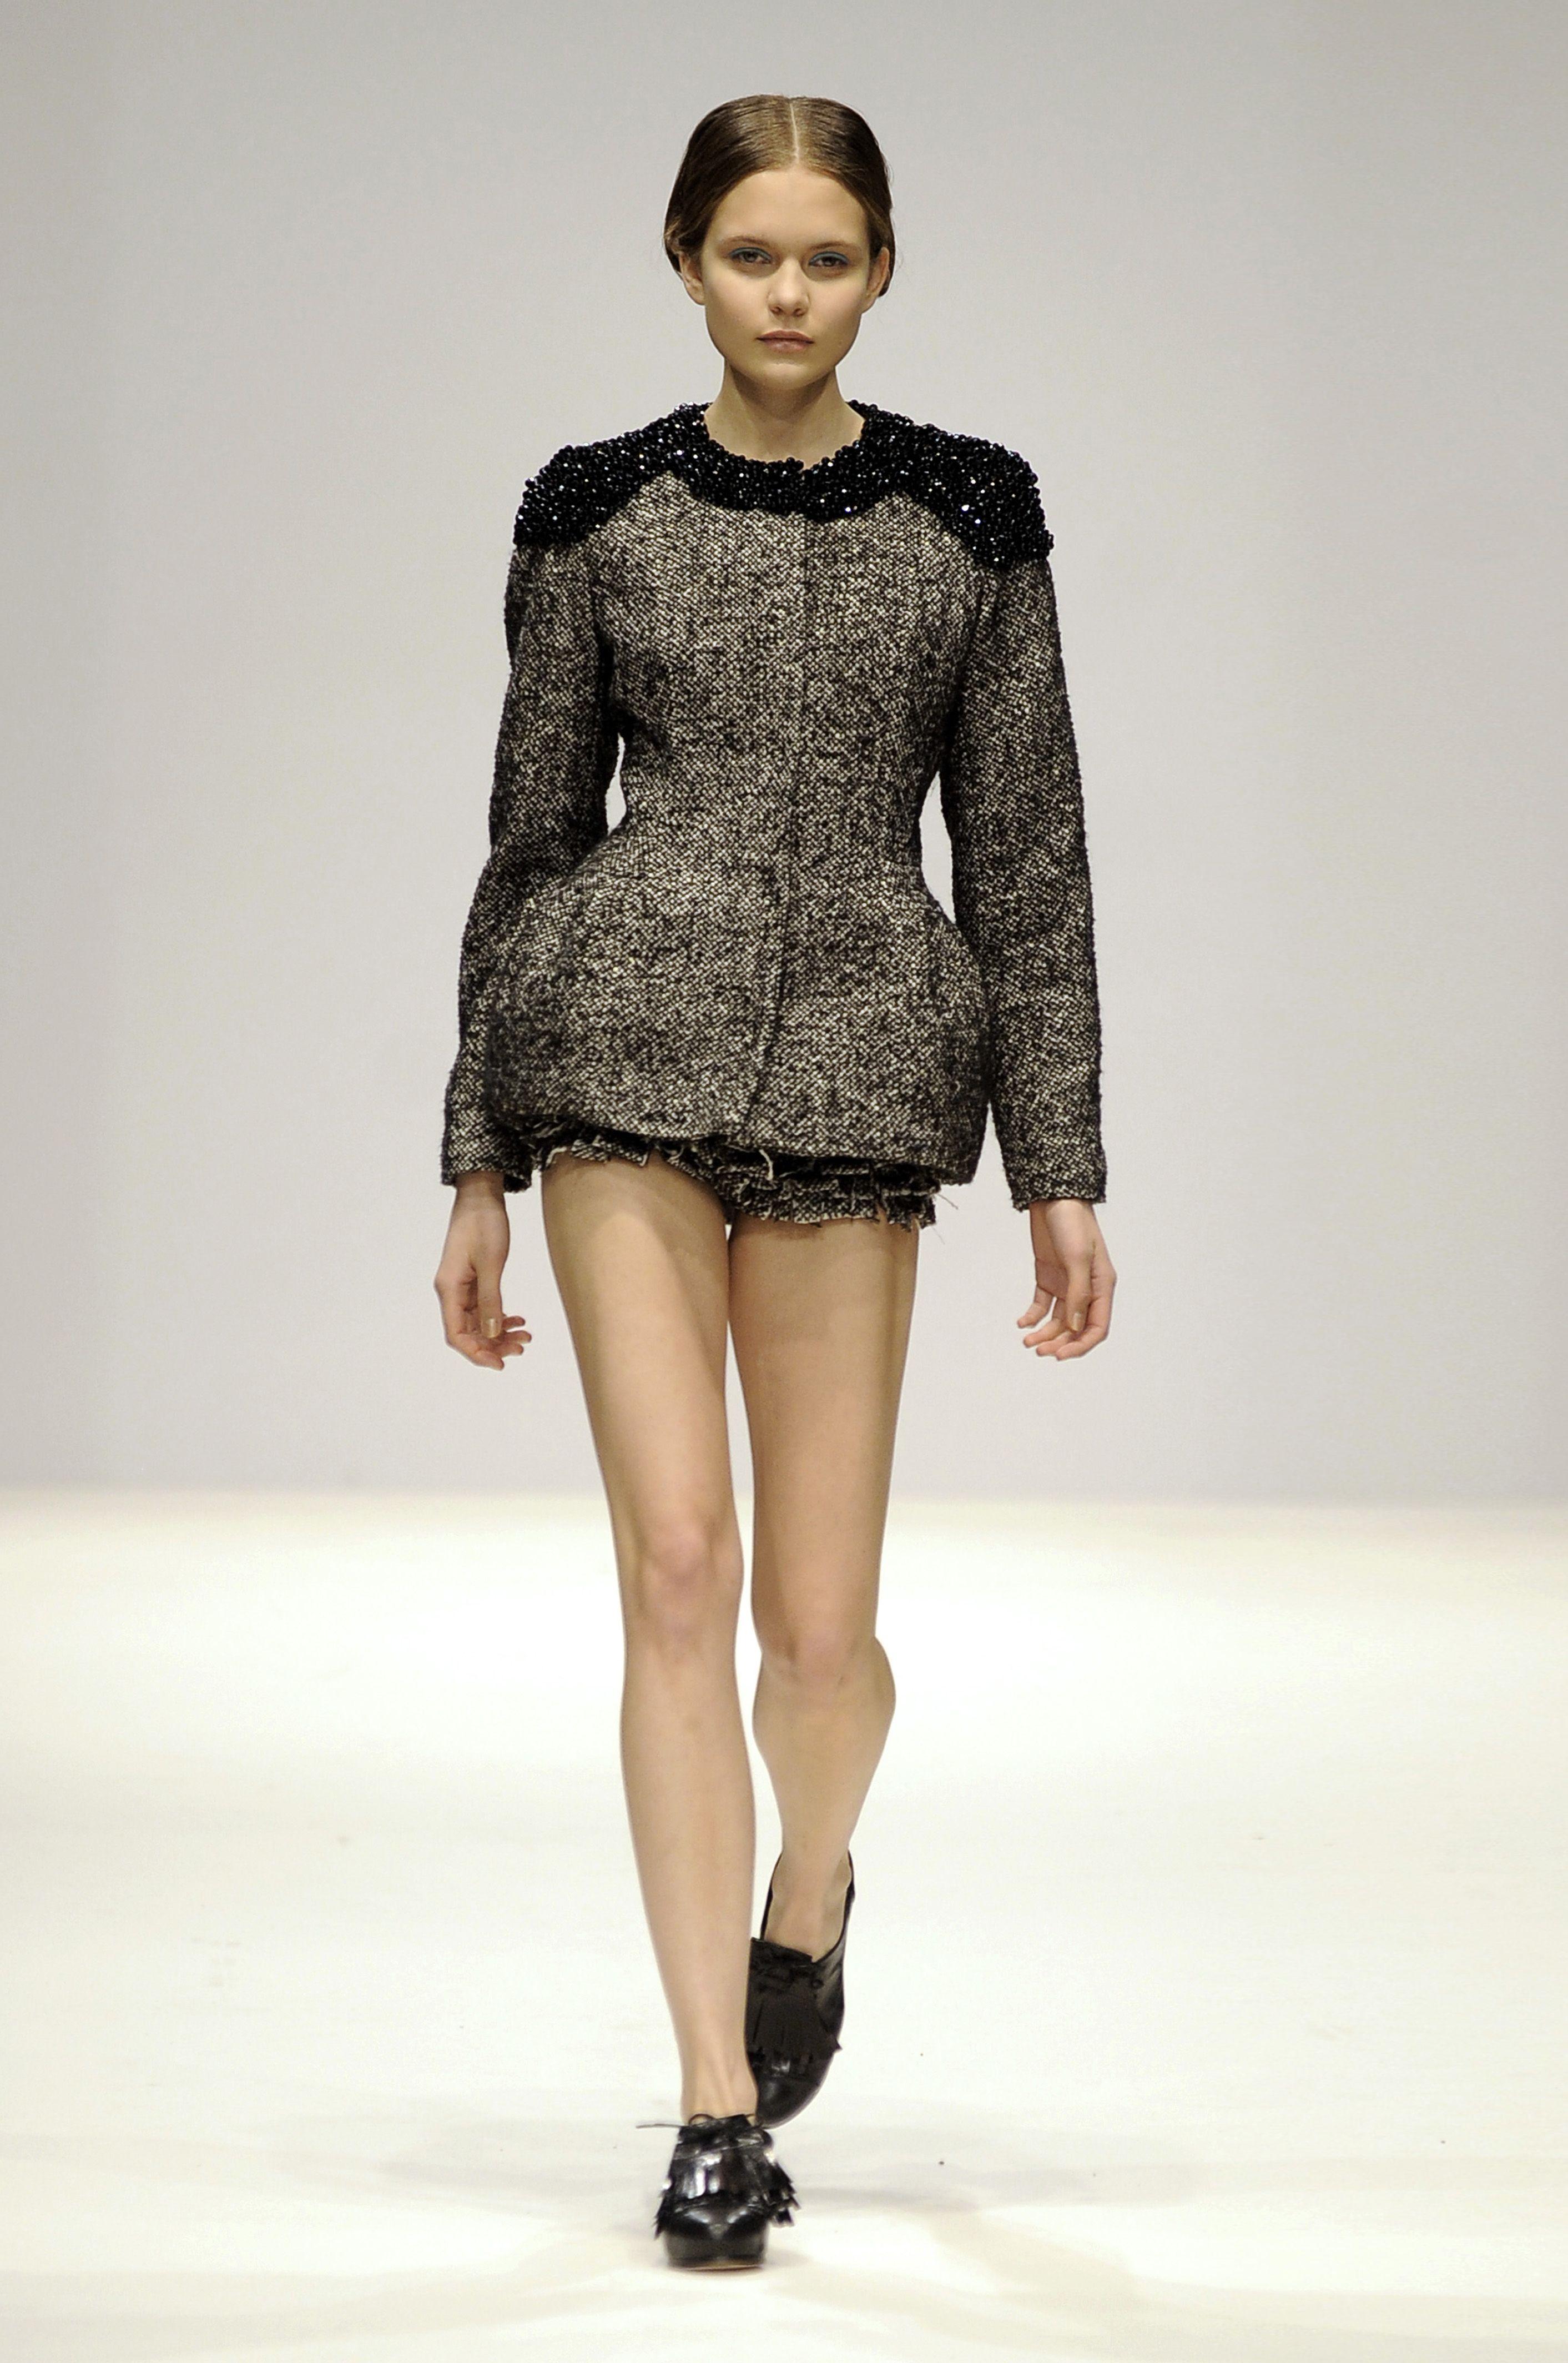 John Rocha AW09 #LFW #catwalk #womensfashion #fashion #readytowear